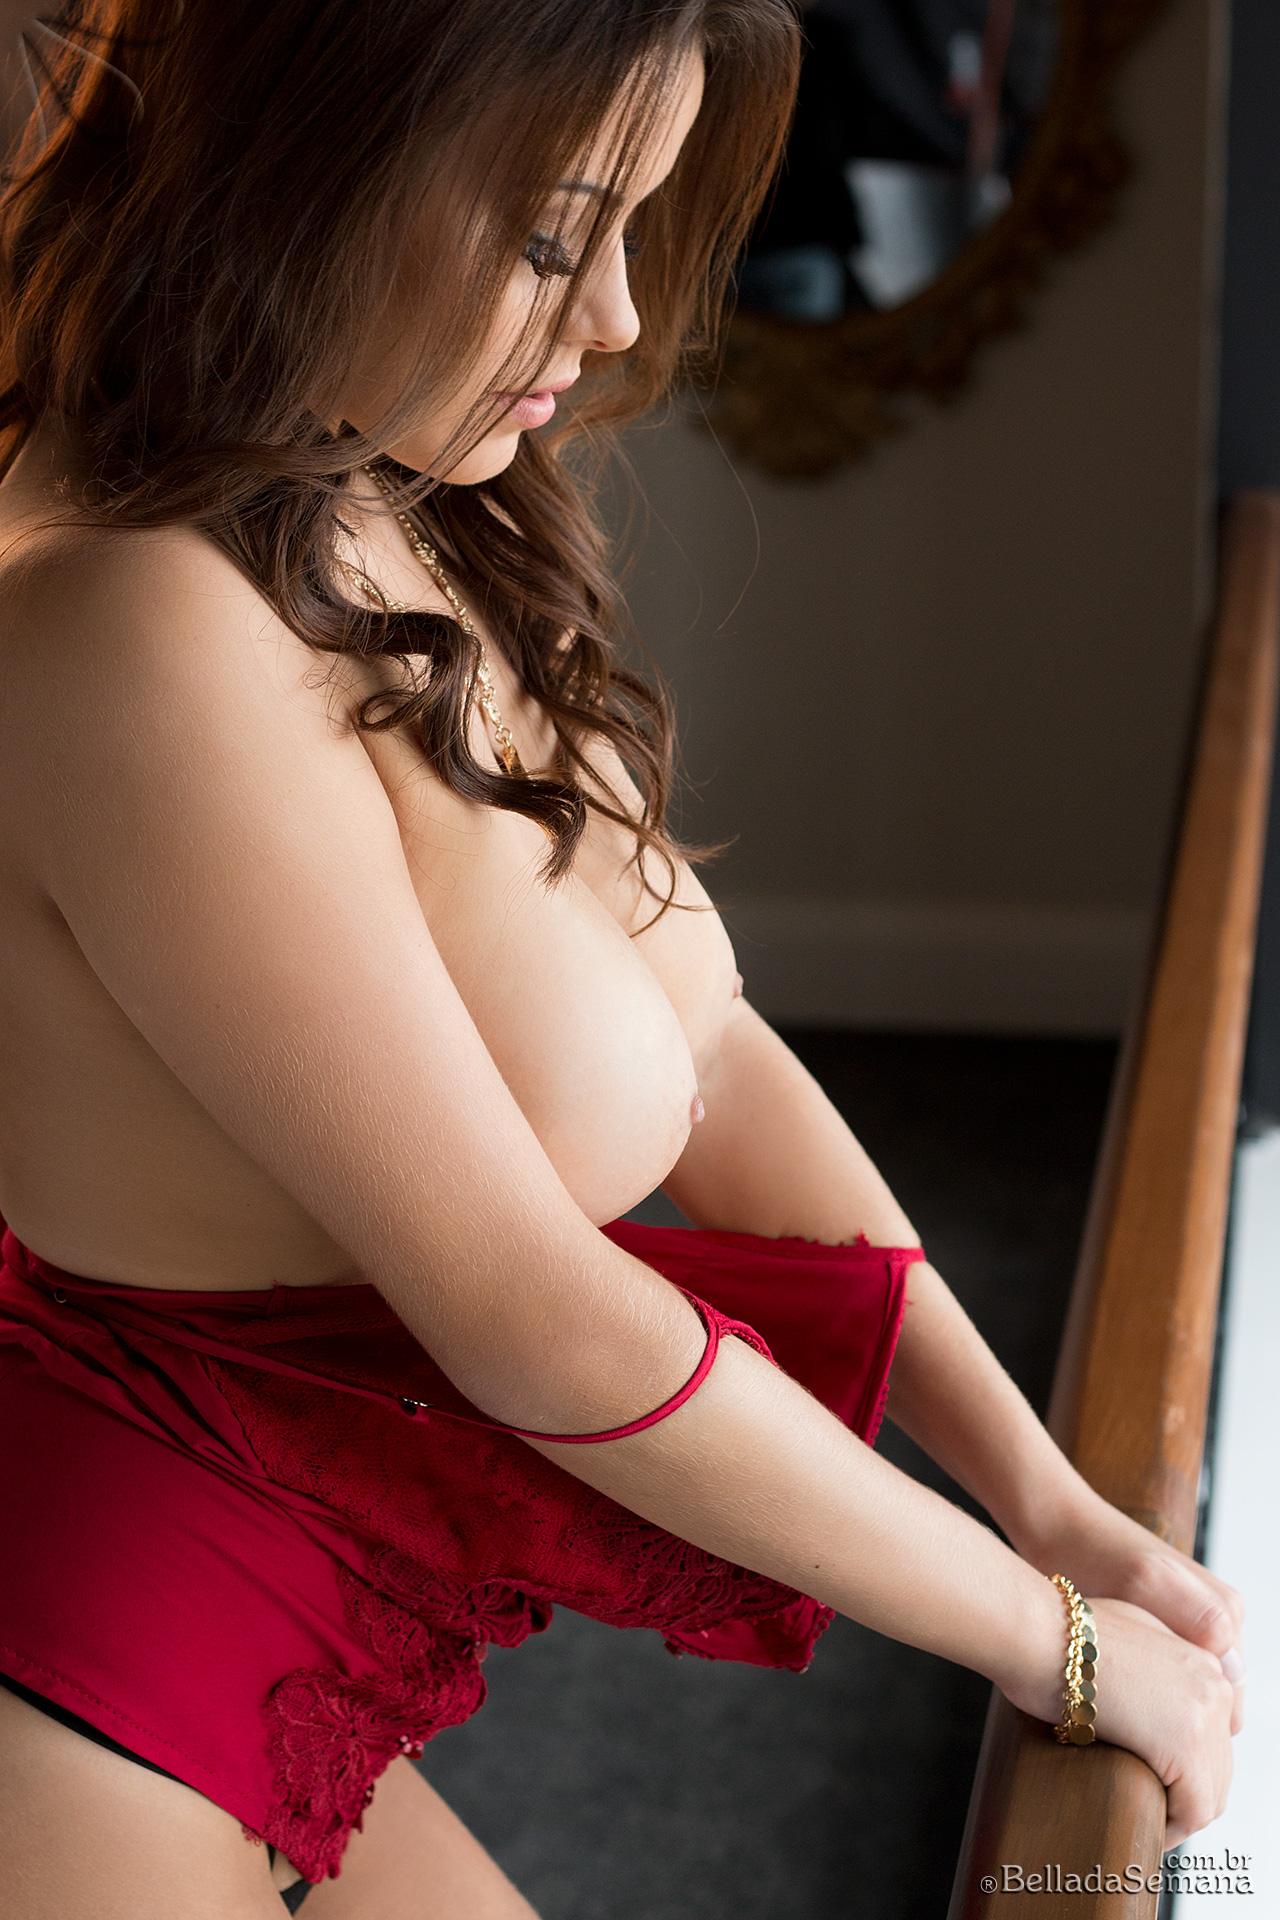 izabella-morales-red-corset-boobs-bellada-semana-07